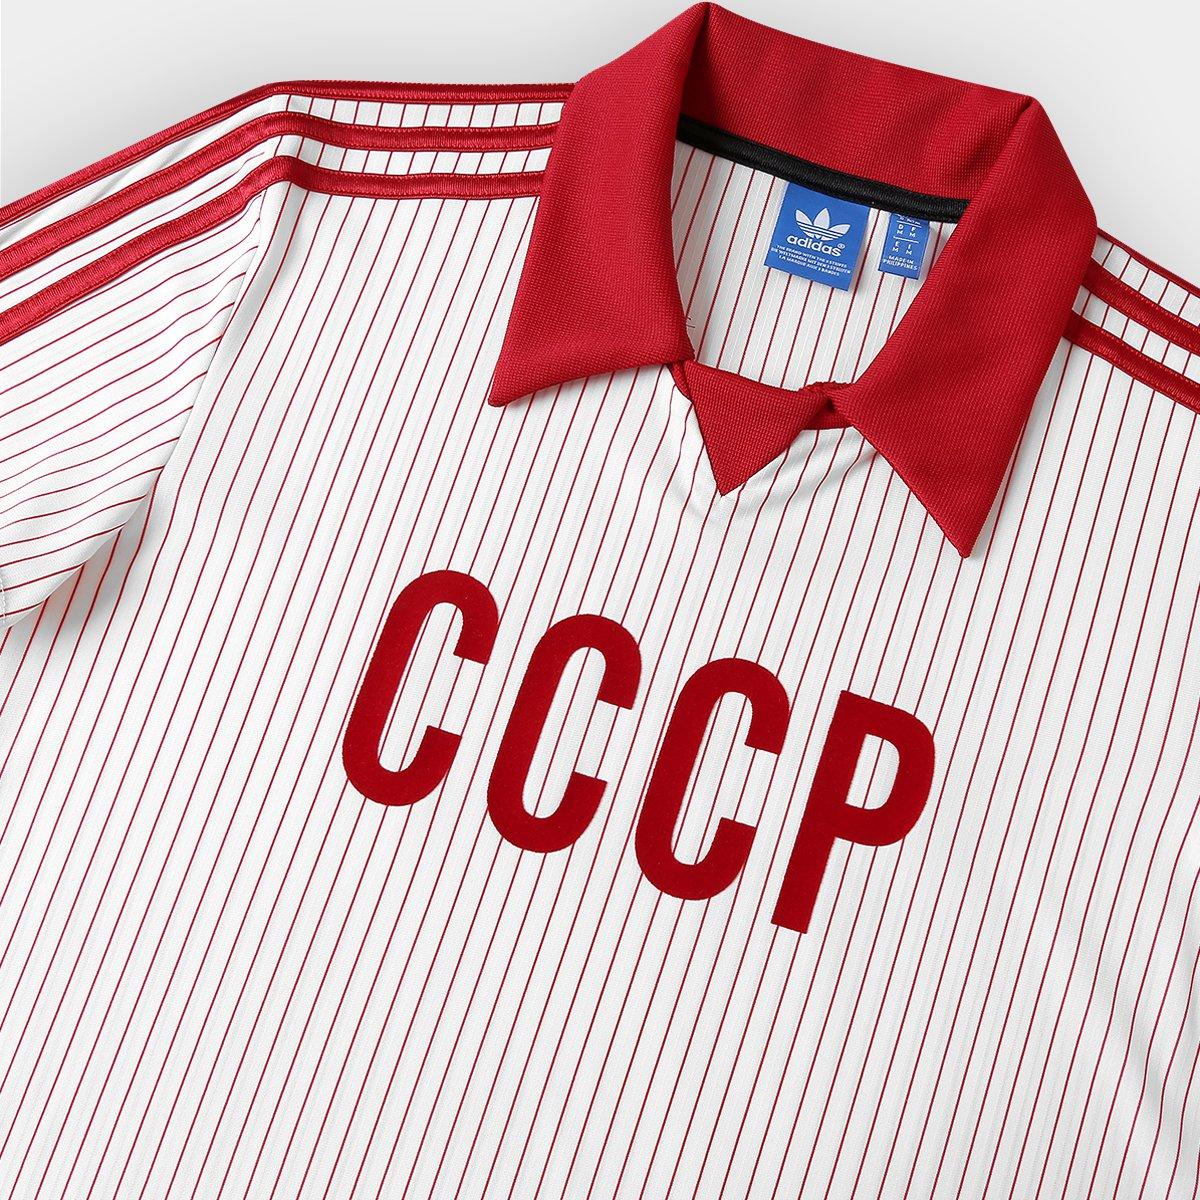 a08d84c9a3 Camisa Retrô União Soviética Away 1982 Adidas Masculina - Compre ...